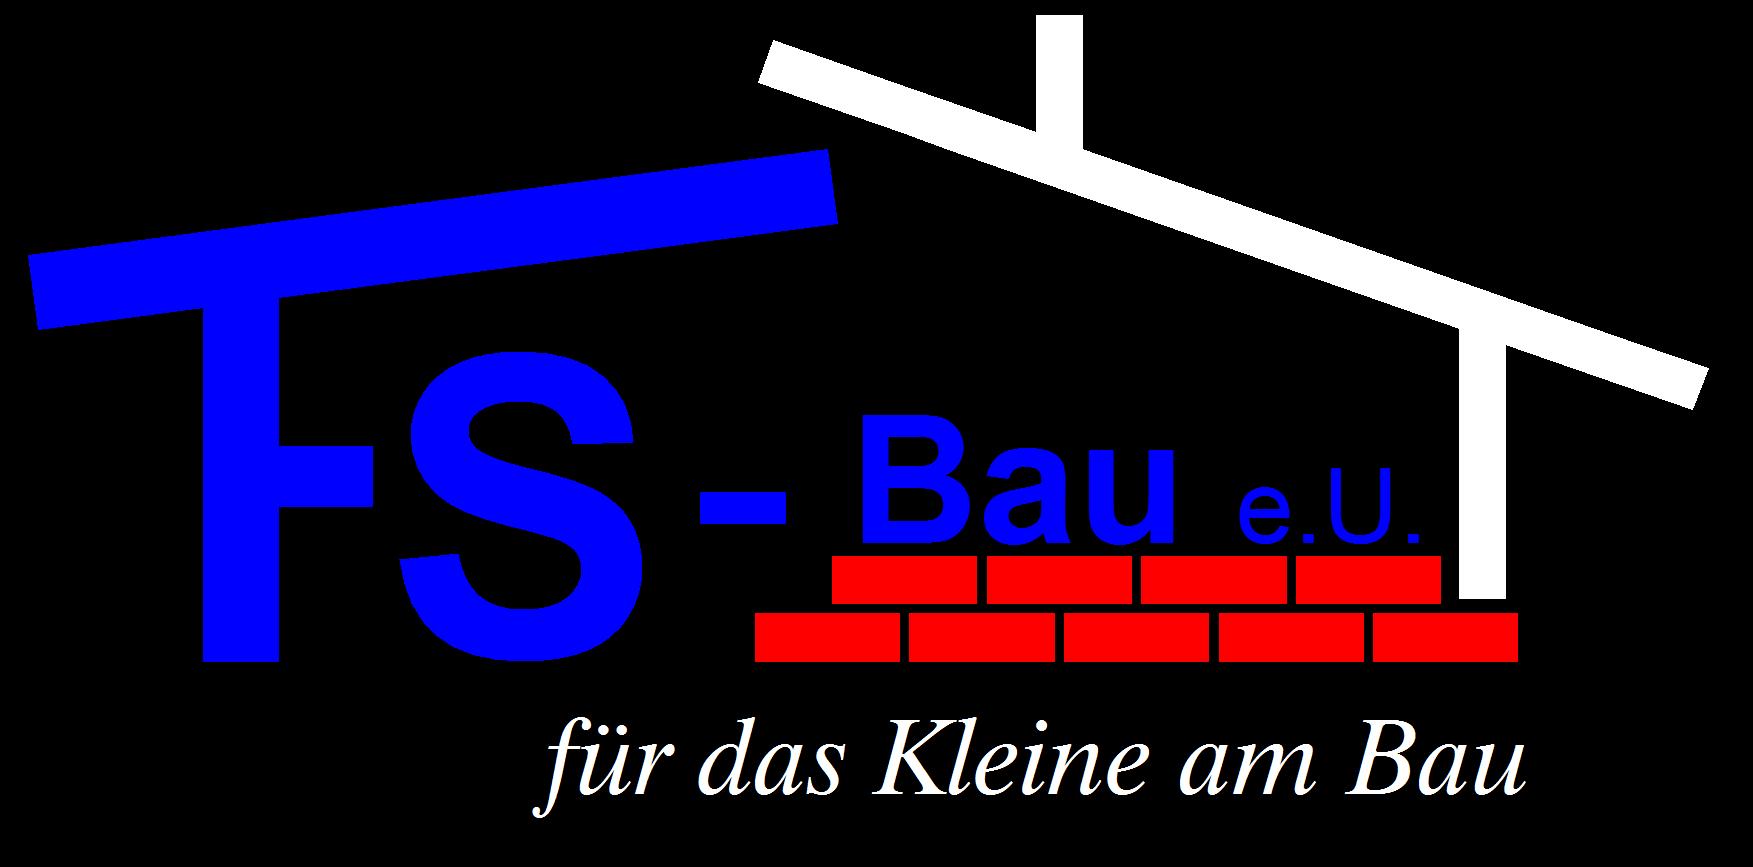 FS-Bau